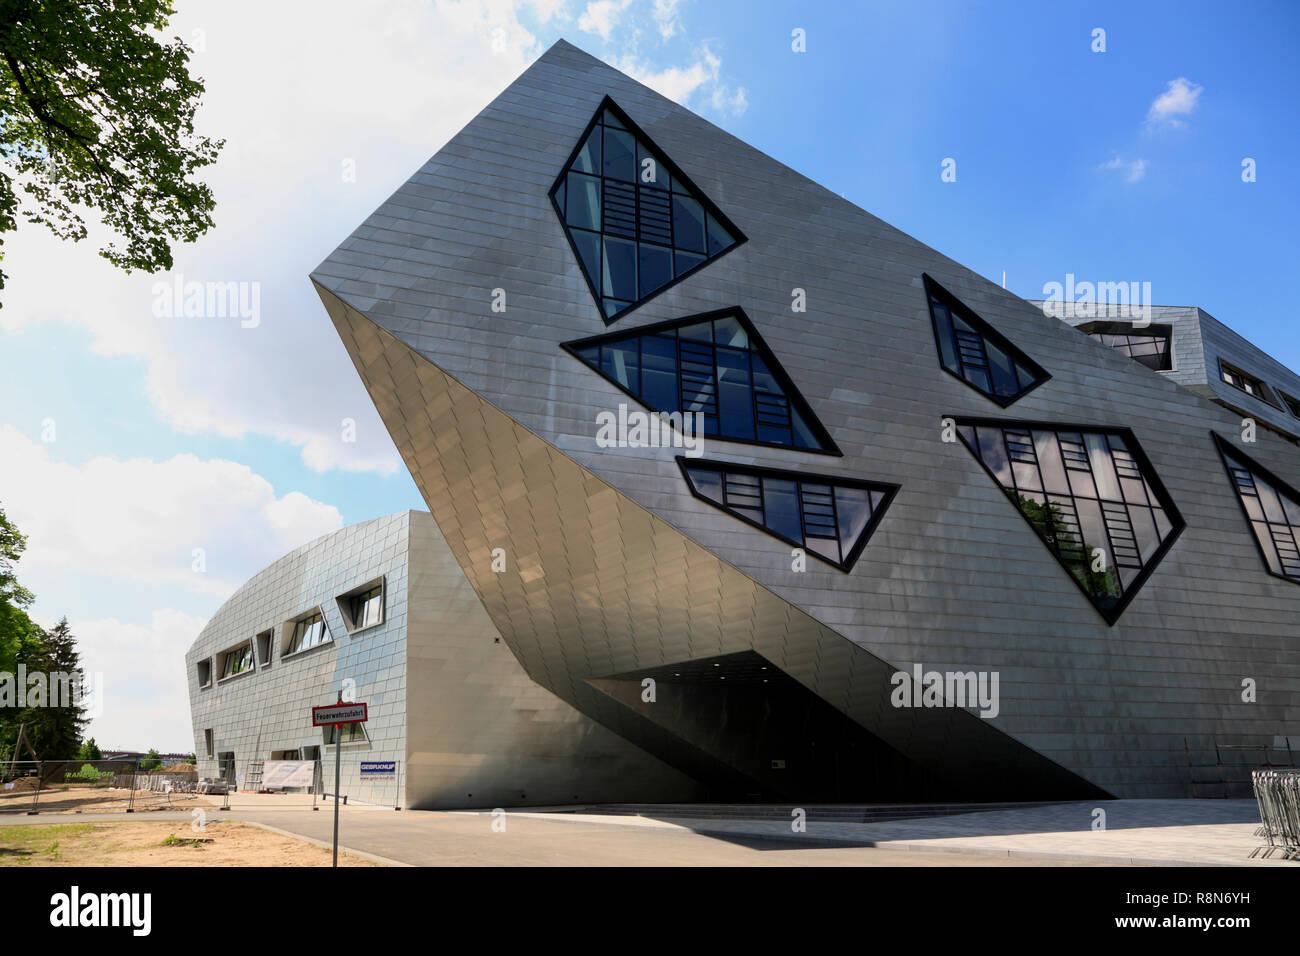 Eingang im Zentralgebäude der Leuphana Universität, Libeskind-Bau, Lüneburg, Lüneburg, Niedersachsen, Deutschland, Europa Stockbild